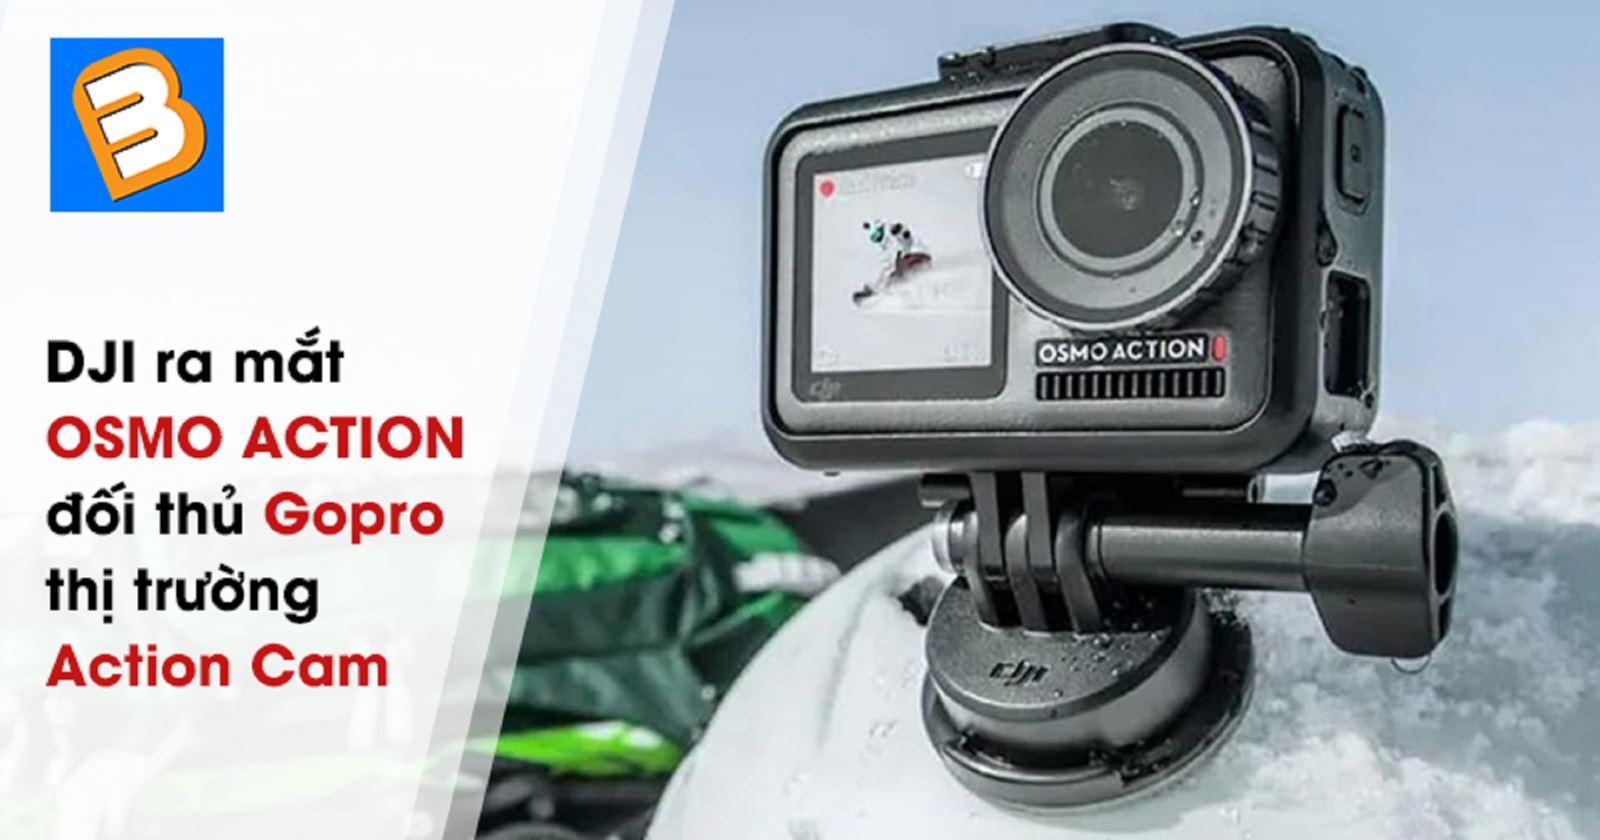 DJI ra mắtOsmo Action - đối thủ Goprothị trường Action Cam